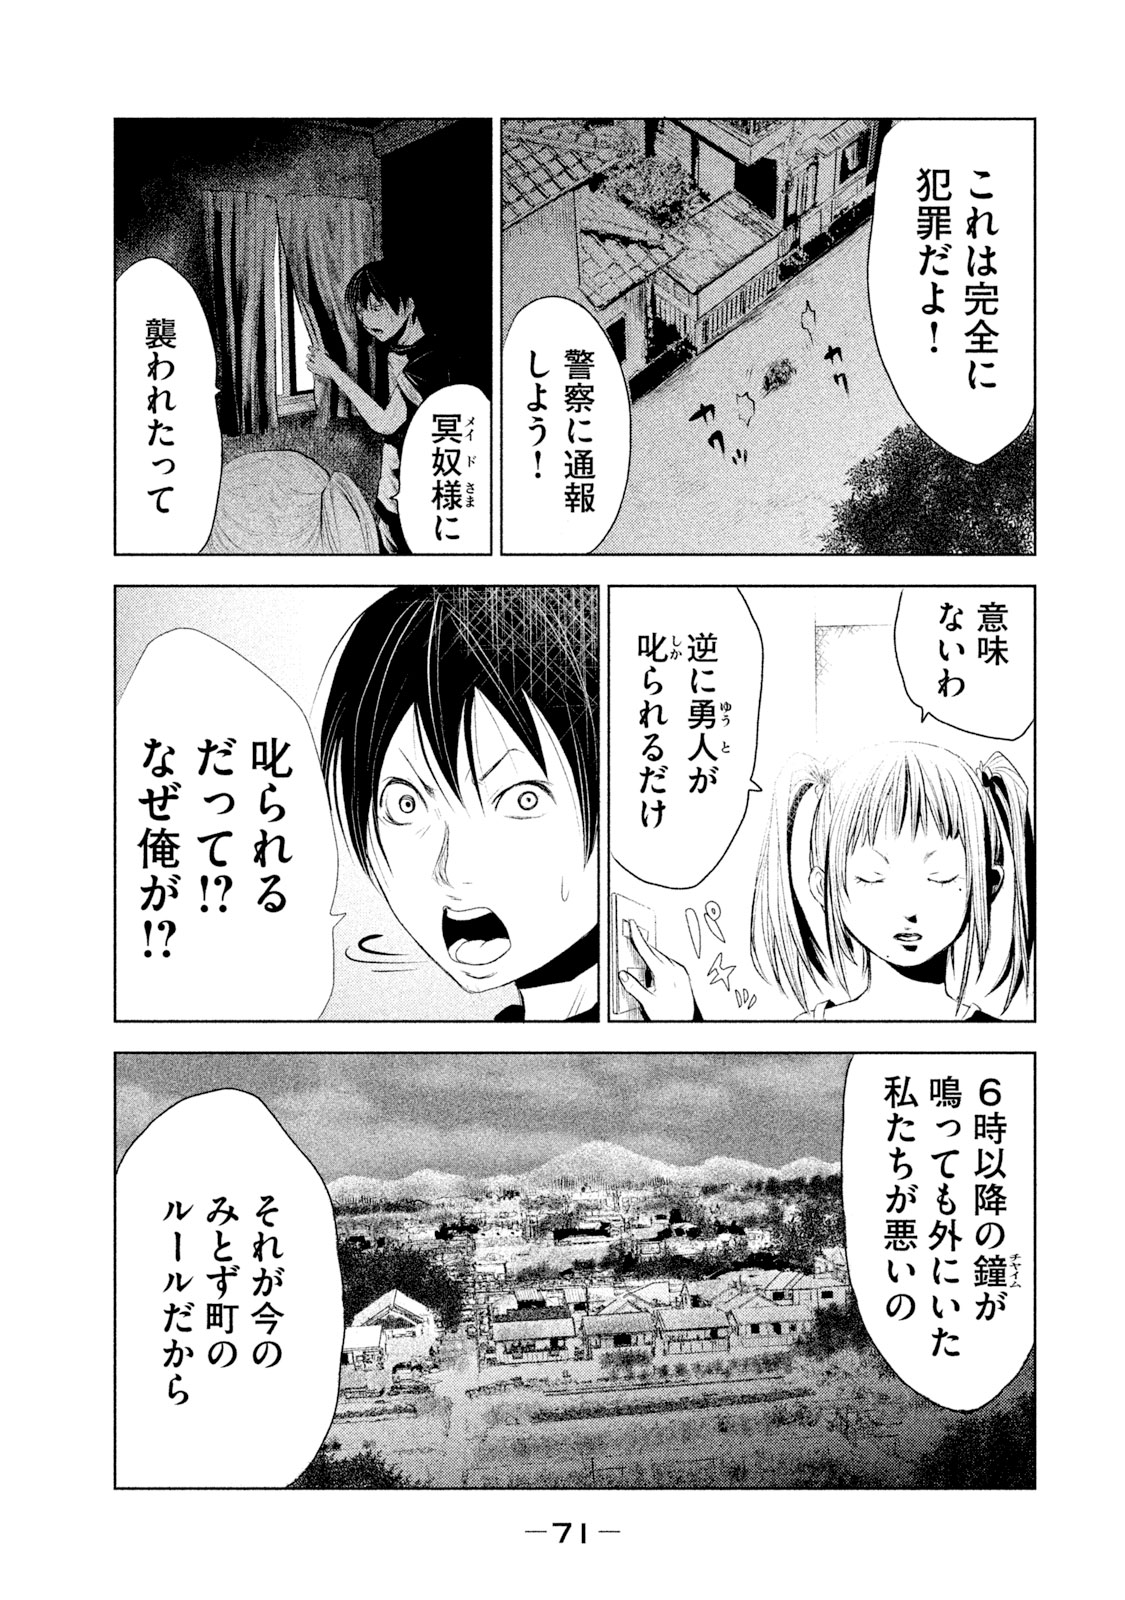 #4 冥奴様(メイドさま)(2)